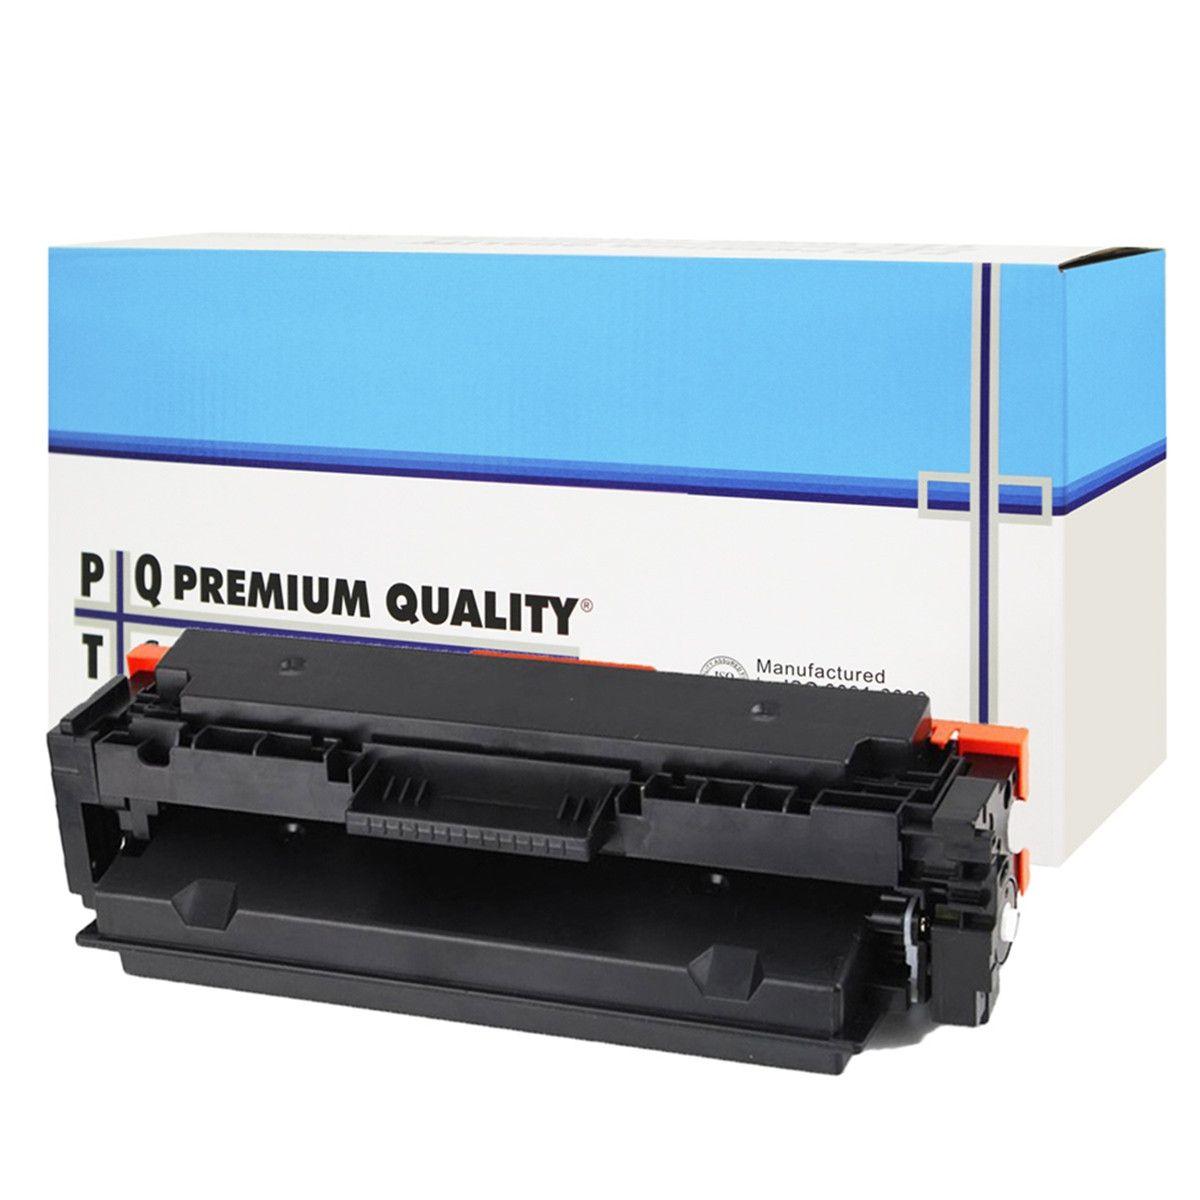 TONER HP CF411A M452 M477 CY 2.3K - COMPATIVEL PREMIUM